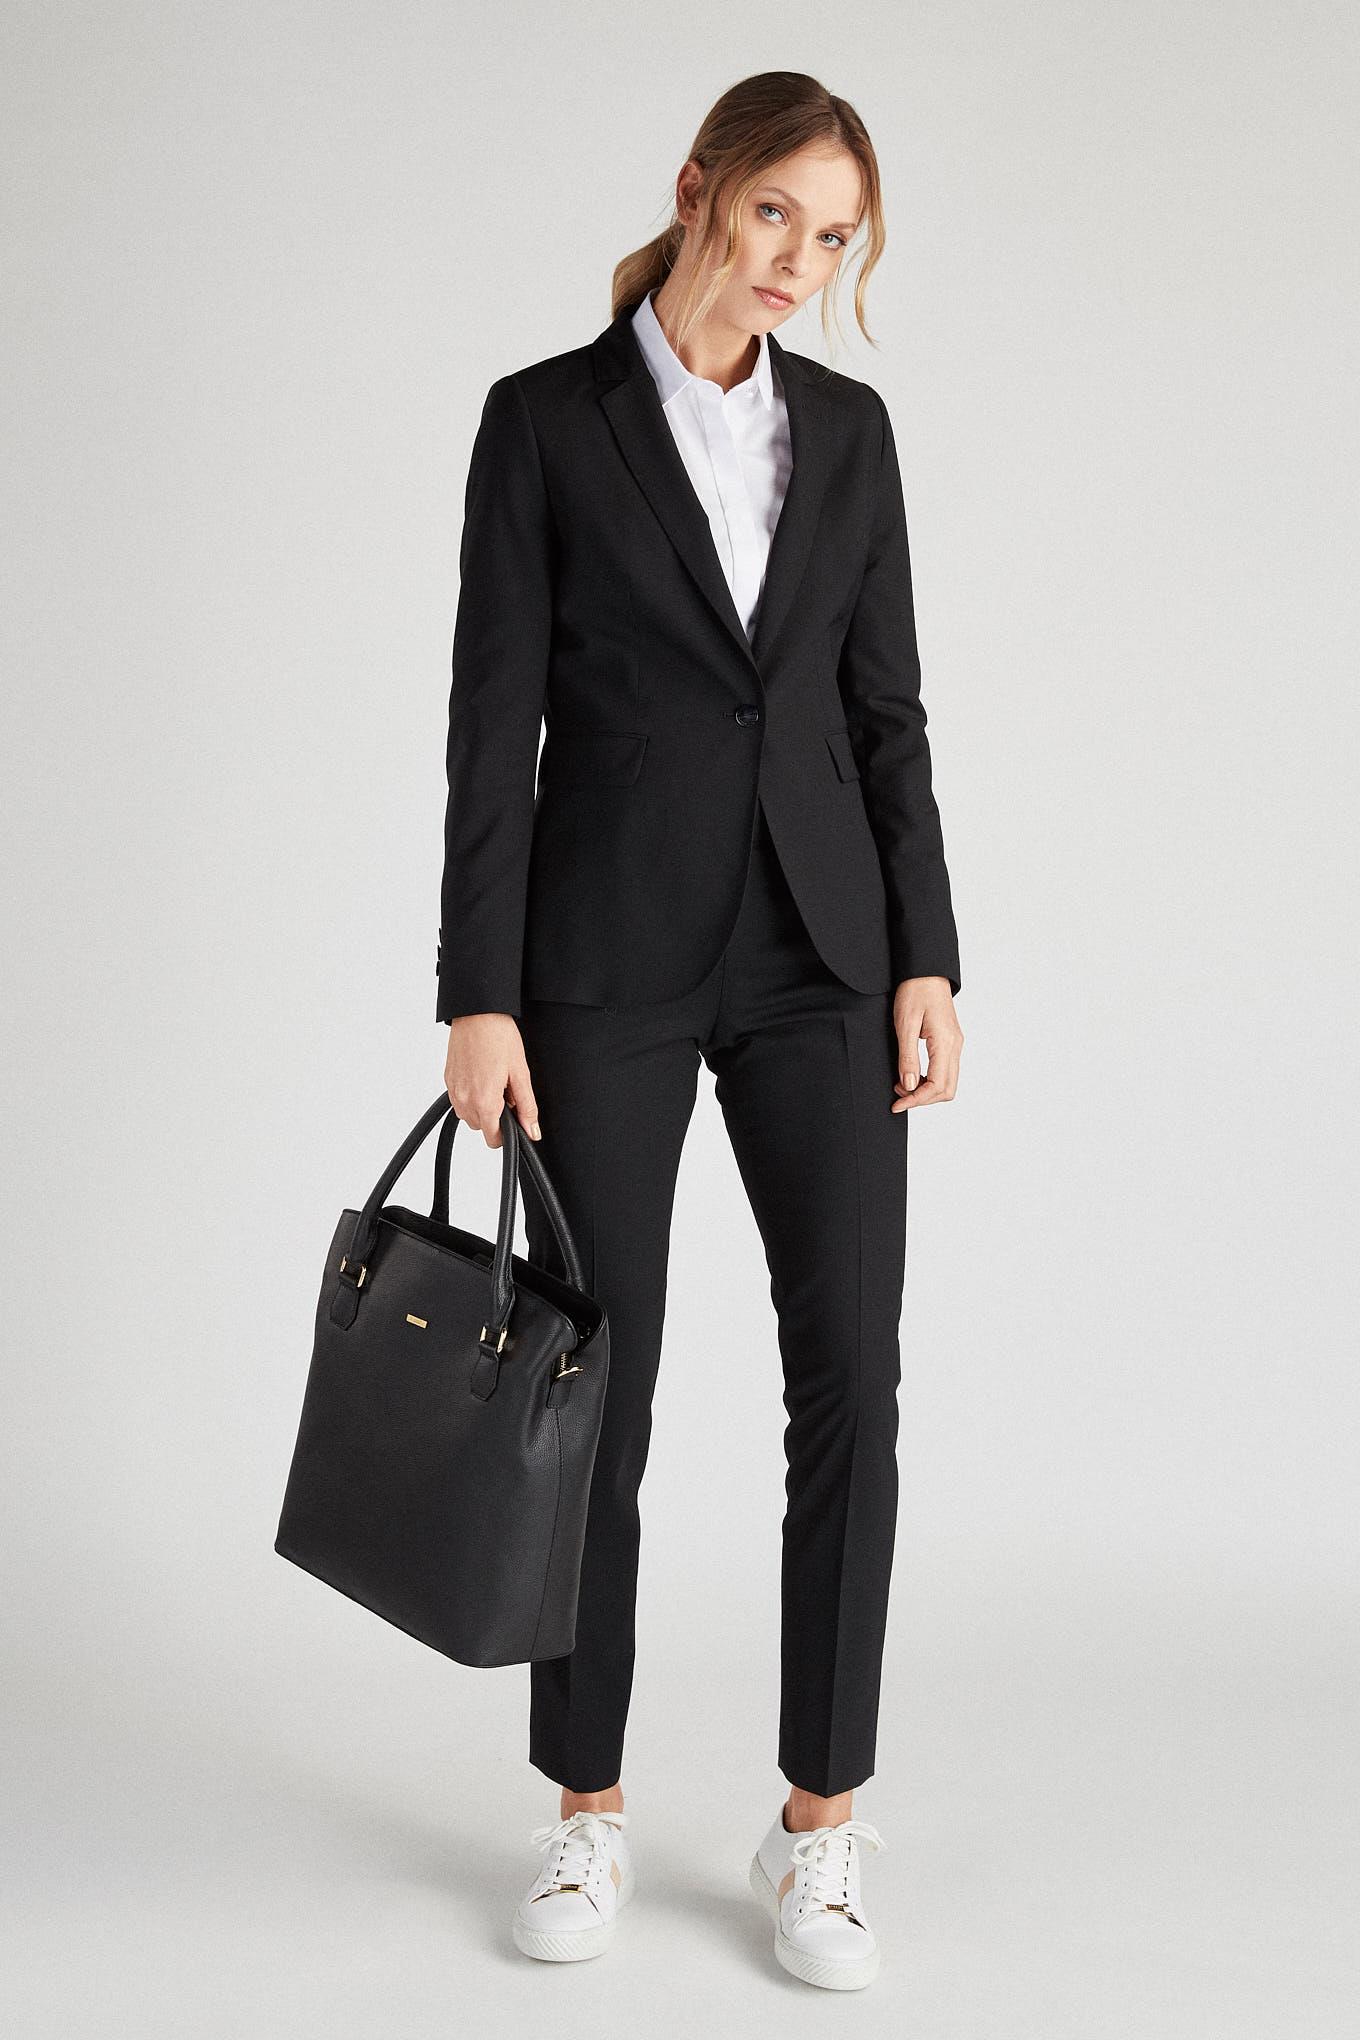 Suit Black Classic Woman